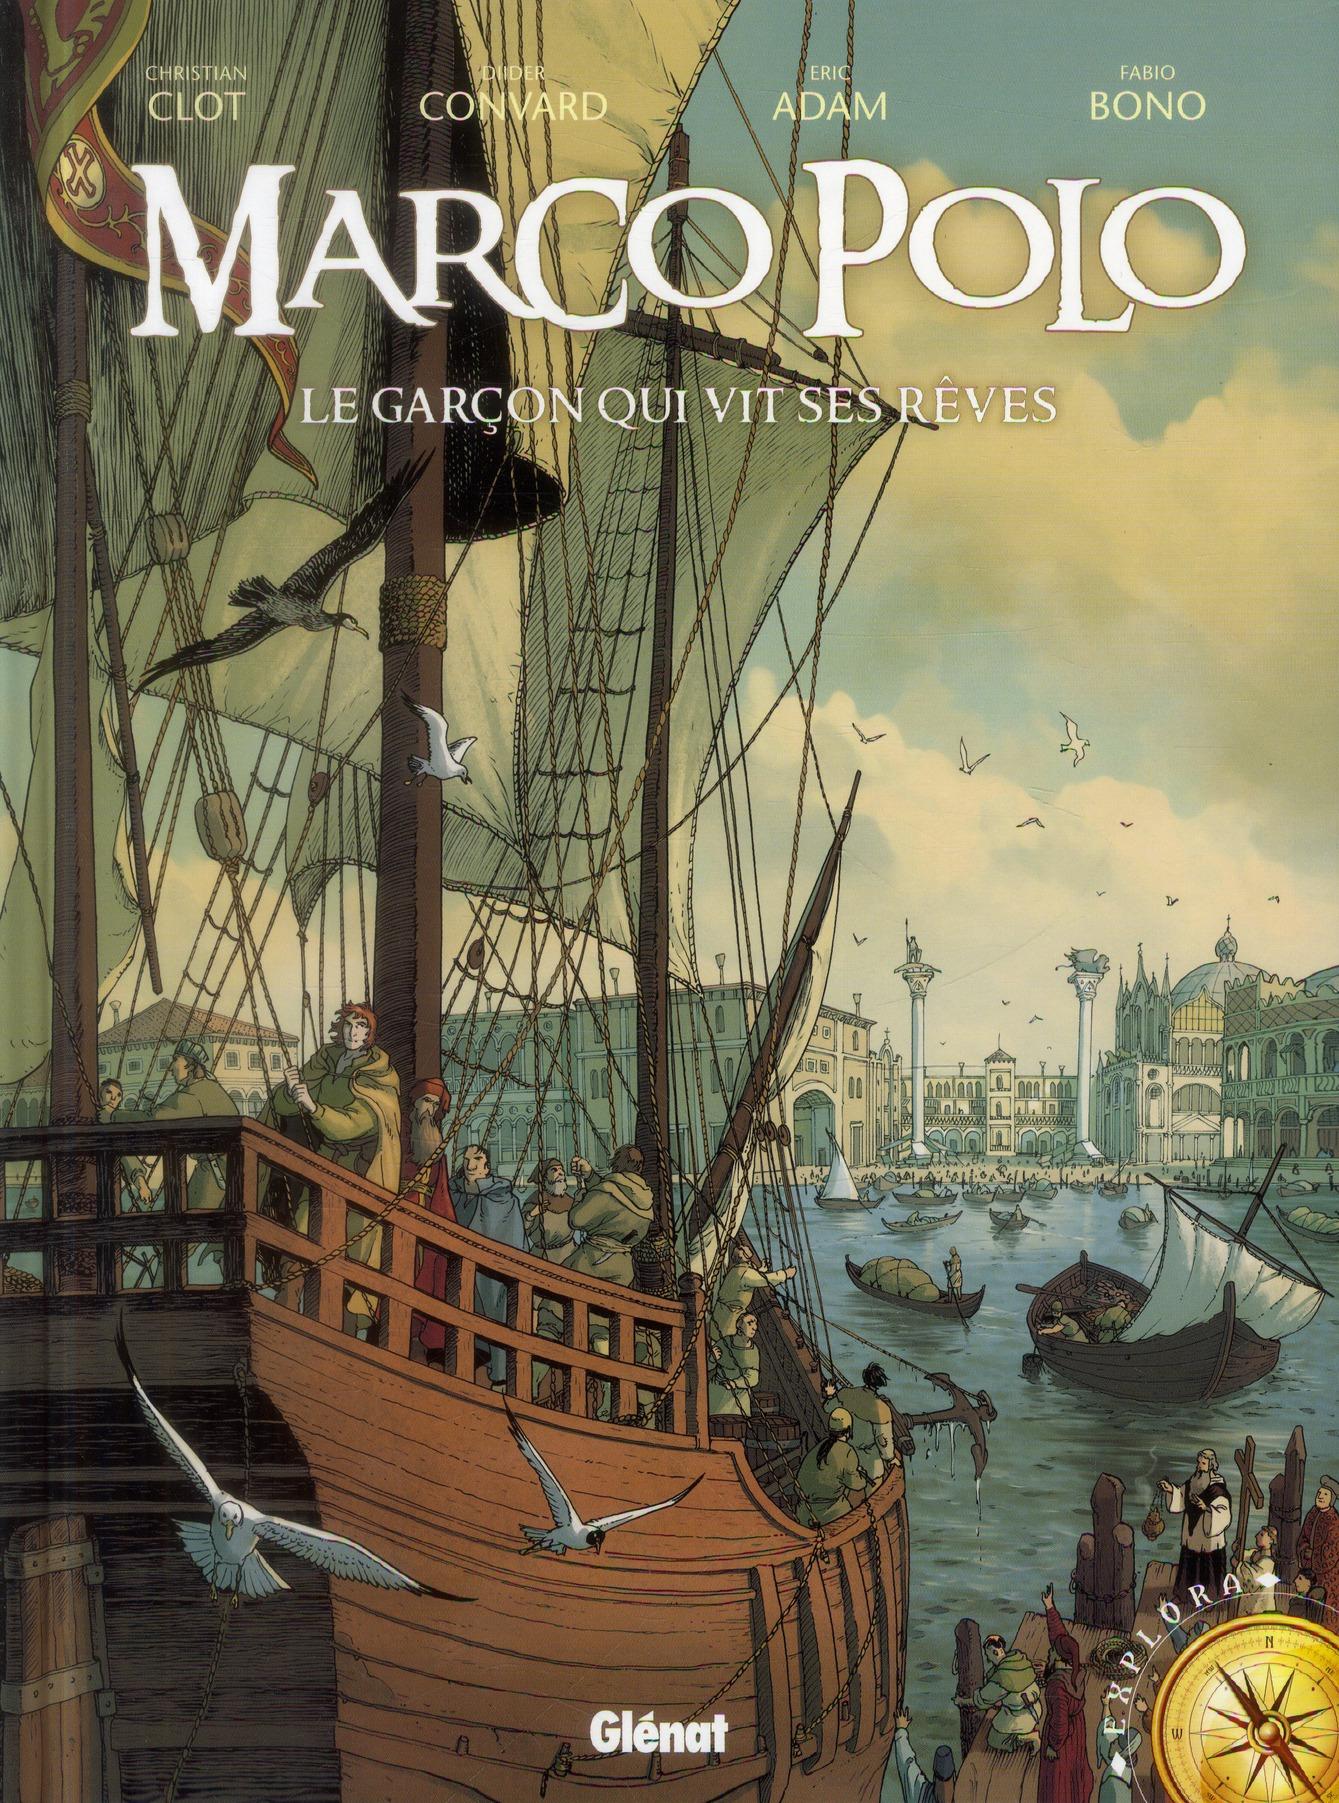 MARCO POLO - TOME 01 - LE GARCON QUI VIT SES REVES